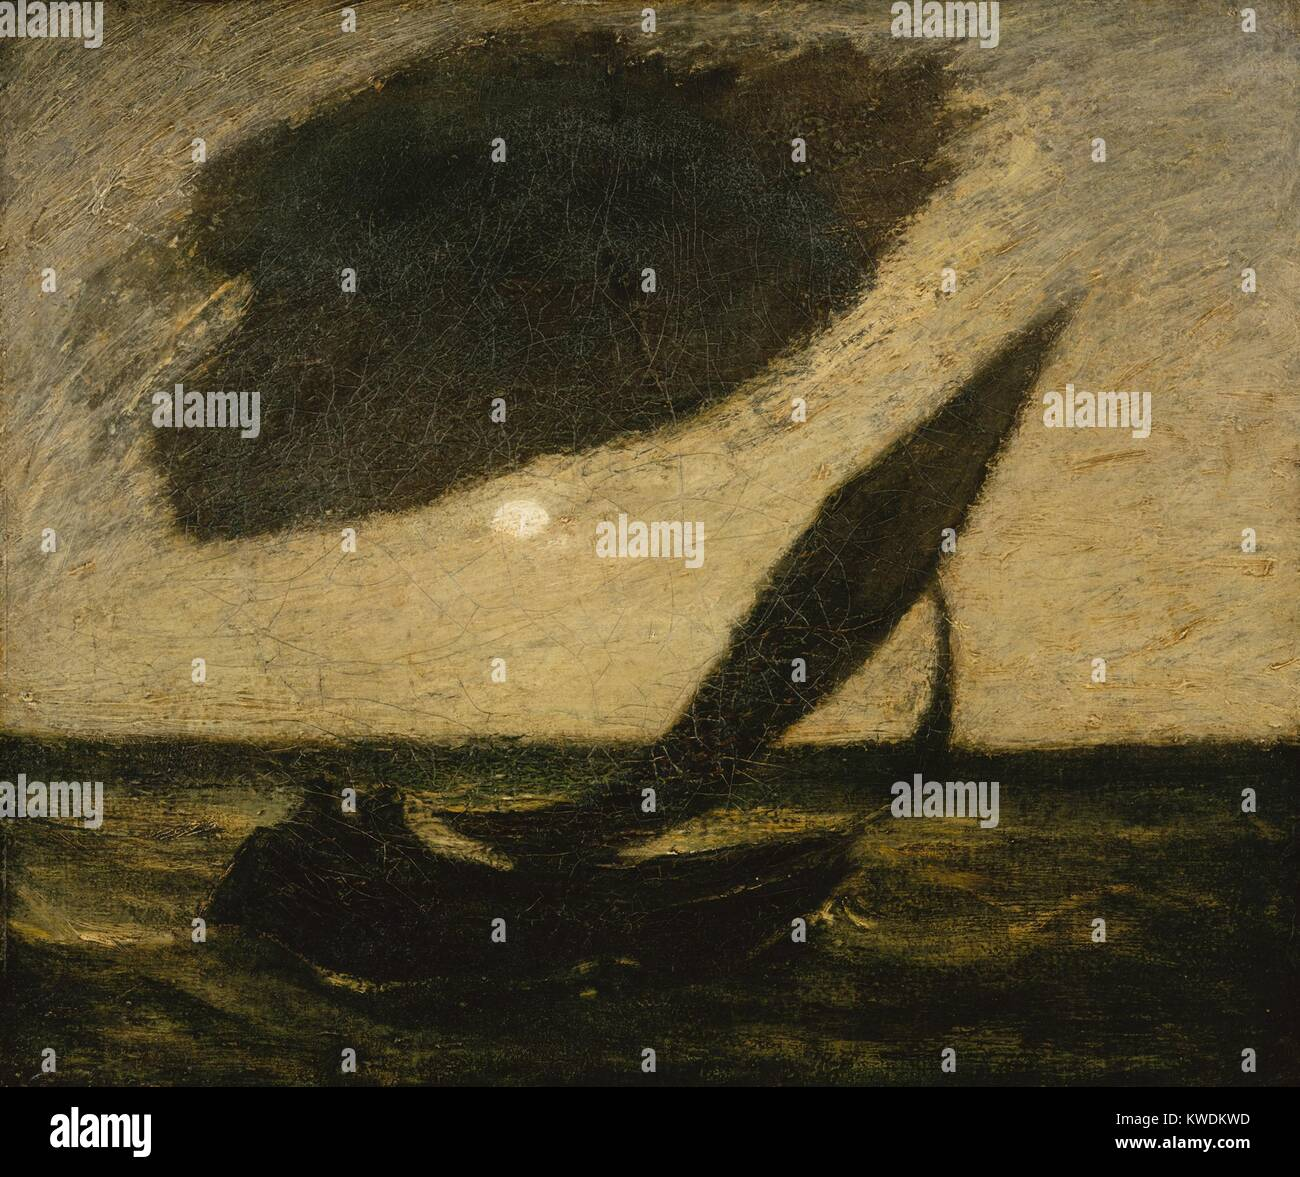 Unter einer Wolke, von Albert Pinkham Ryder, 1900, Amerikanische Malerei, Öl auf Leinwand. Diese eindrucksvolle Stockbild